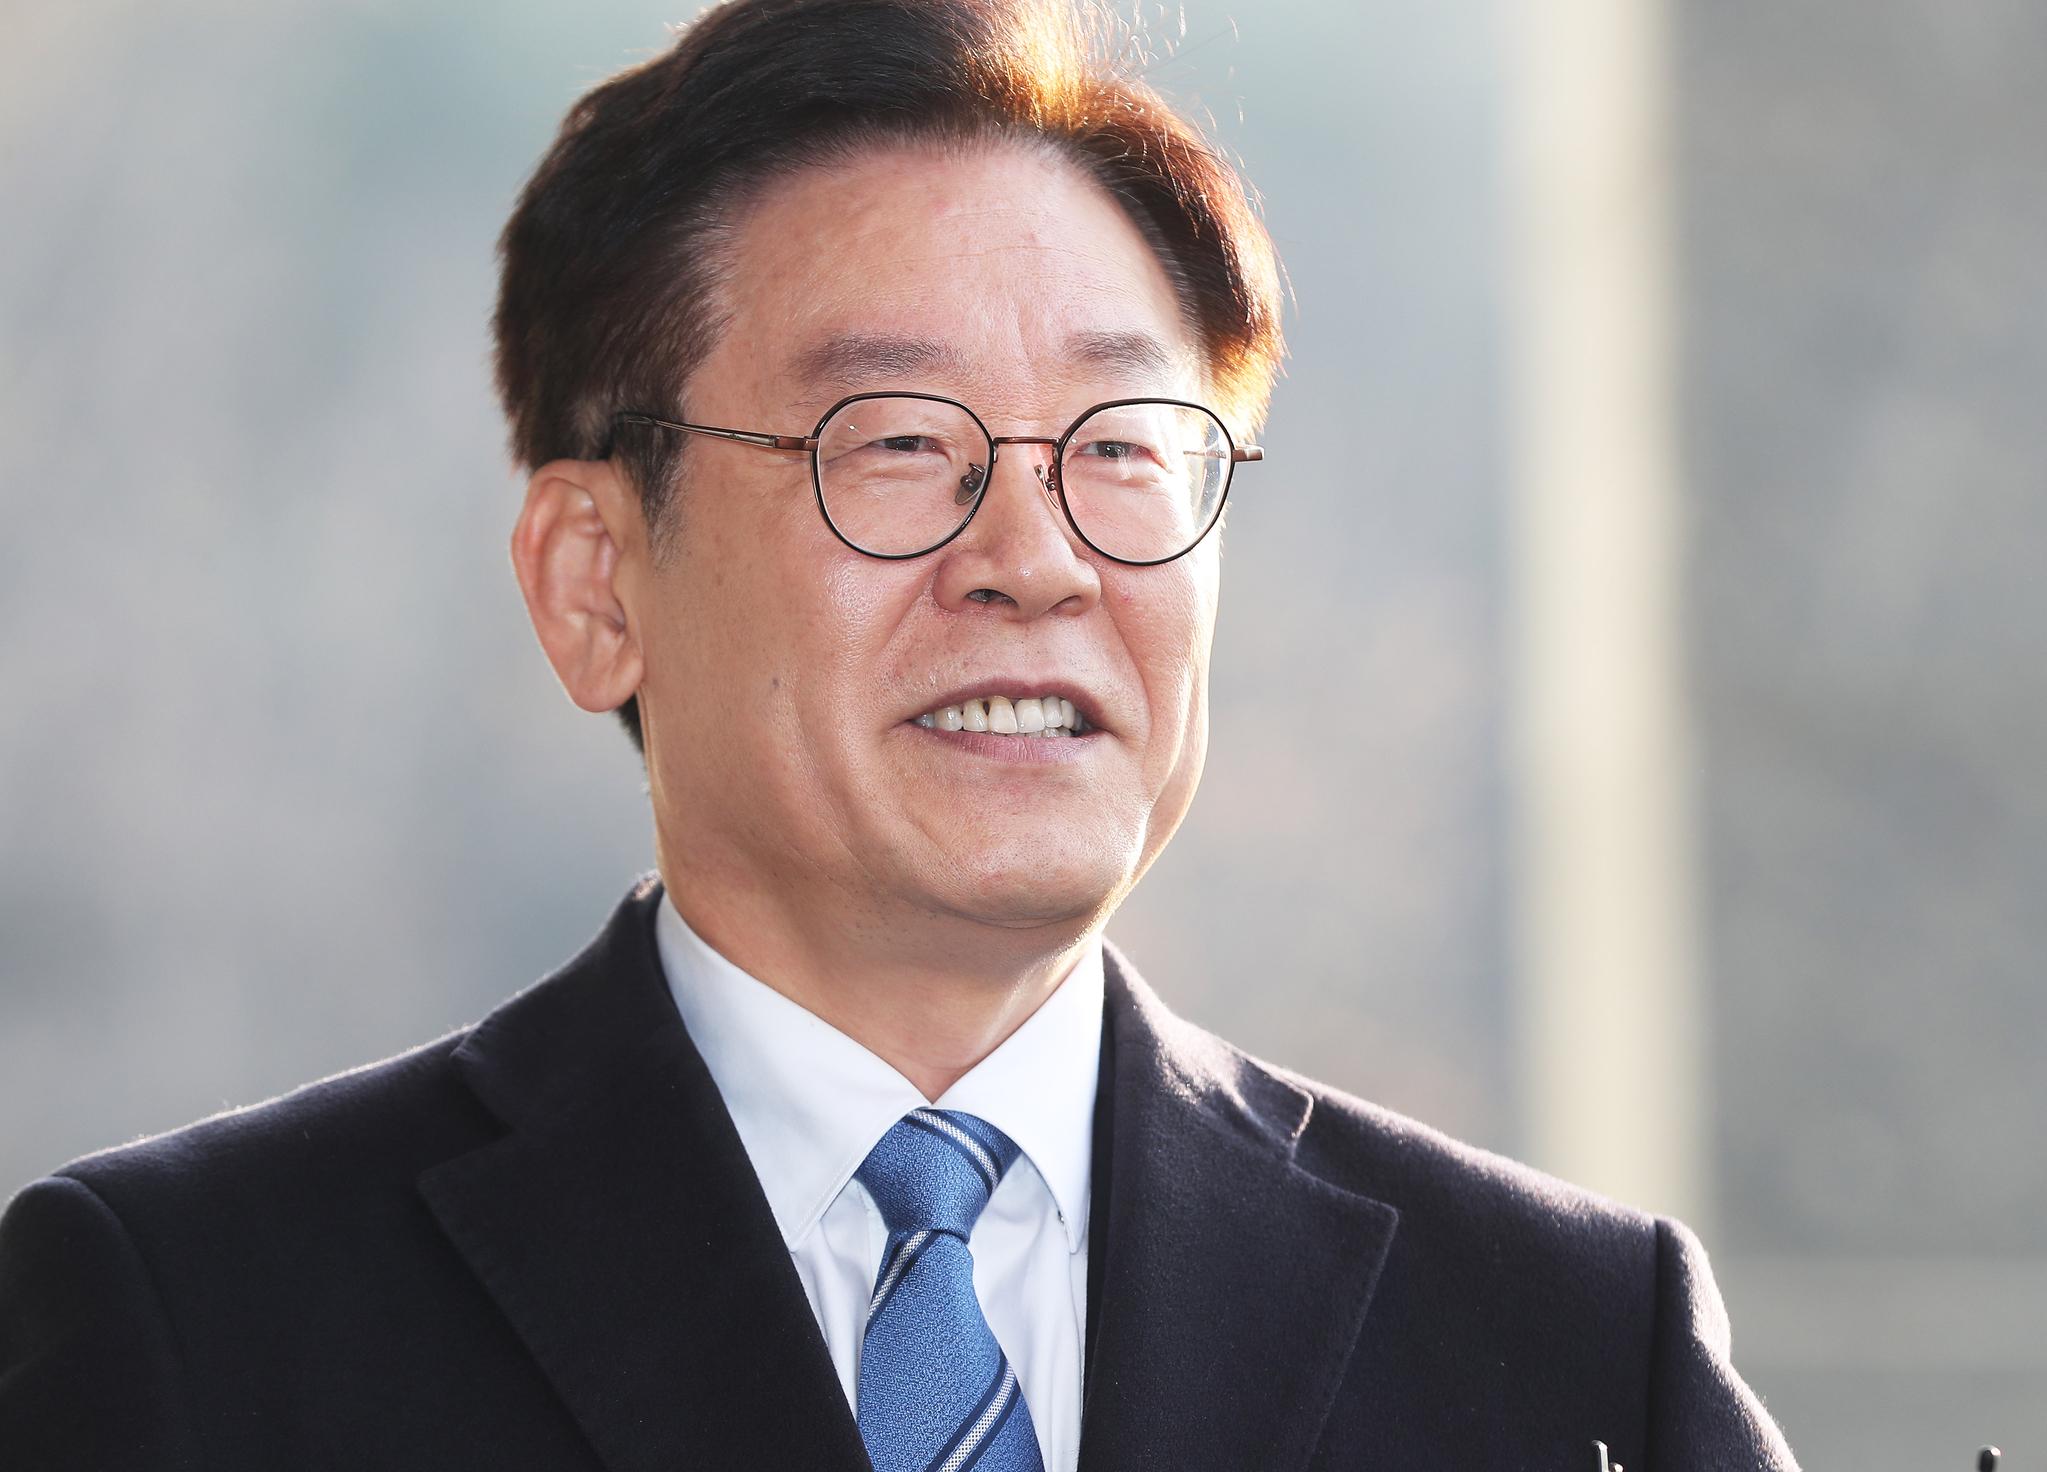 """김혜경 측 변호사 """"이재명 부부 잘 알고 관찰한 사람 중 하나일 것"""""""